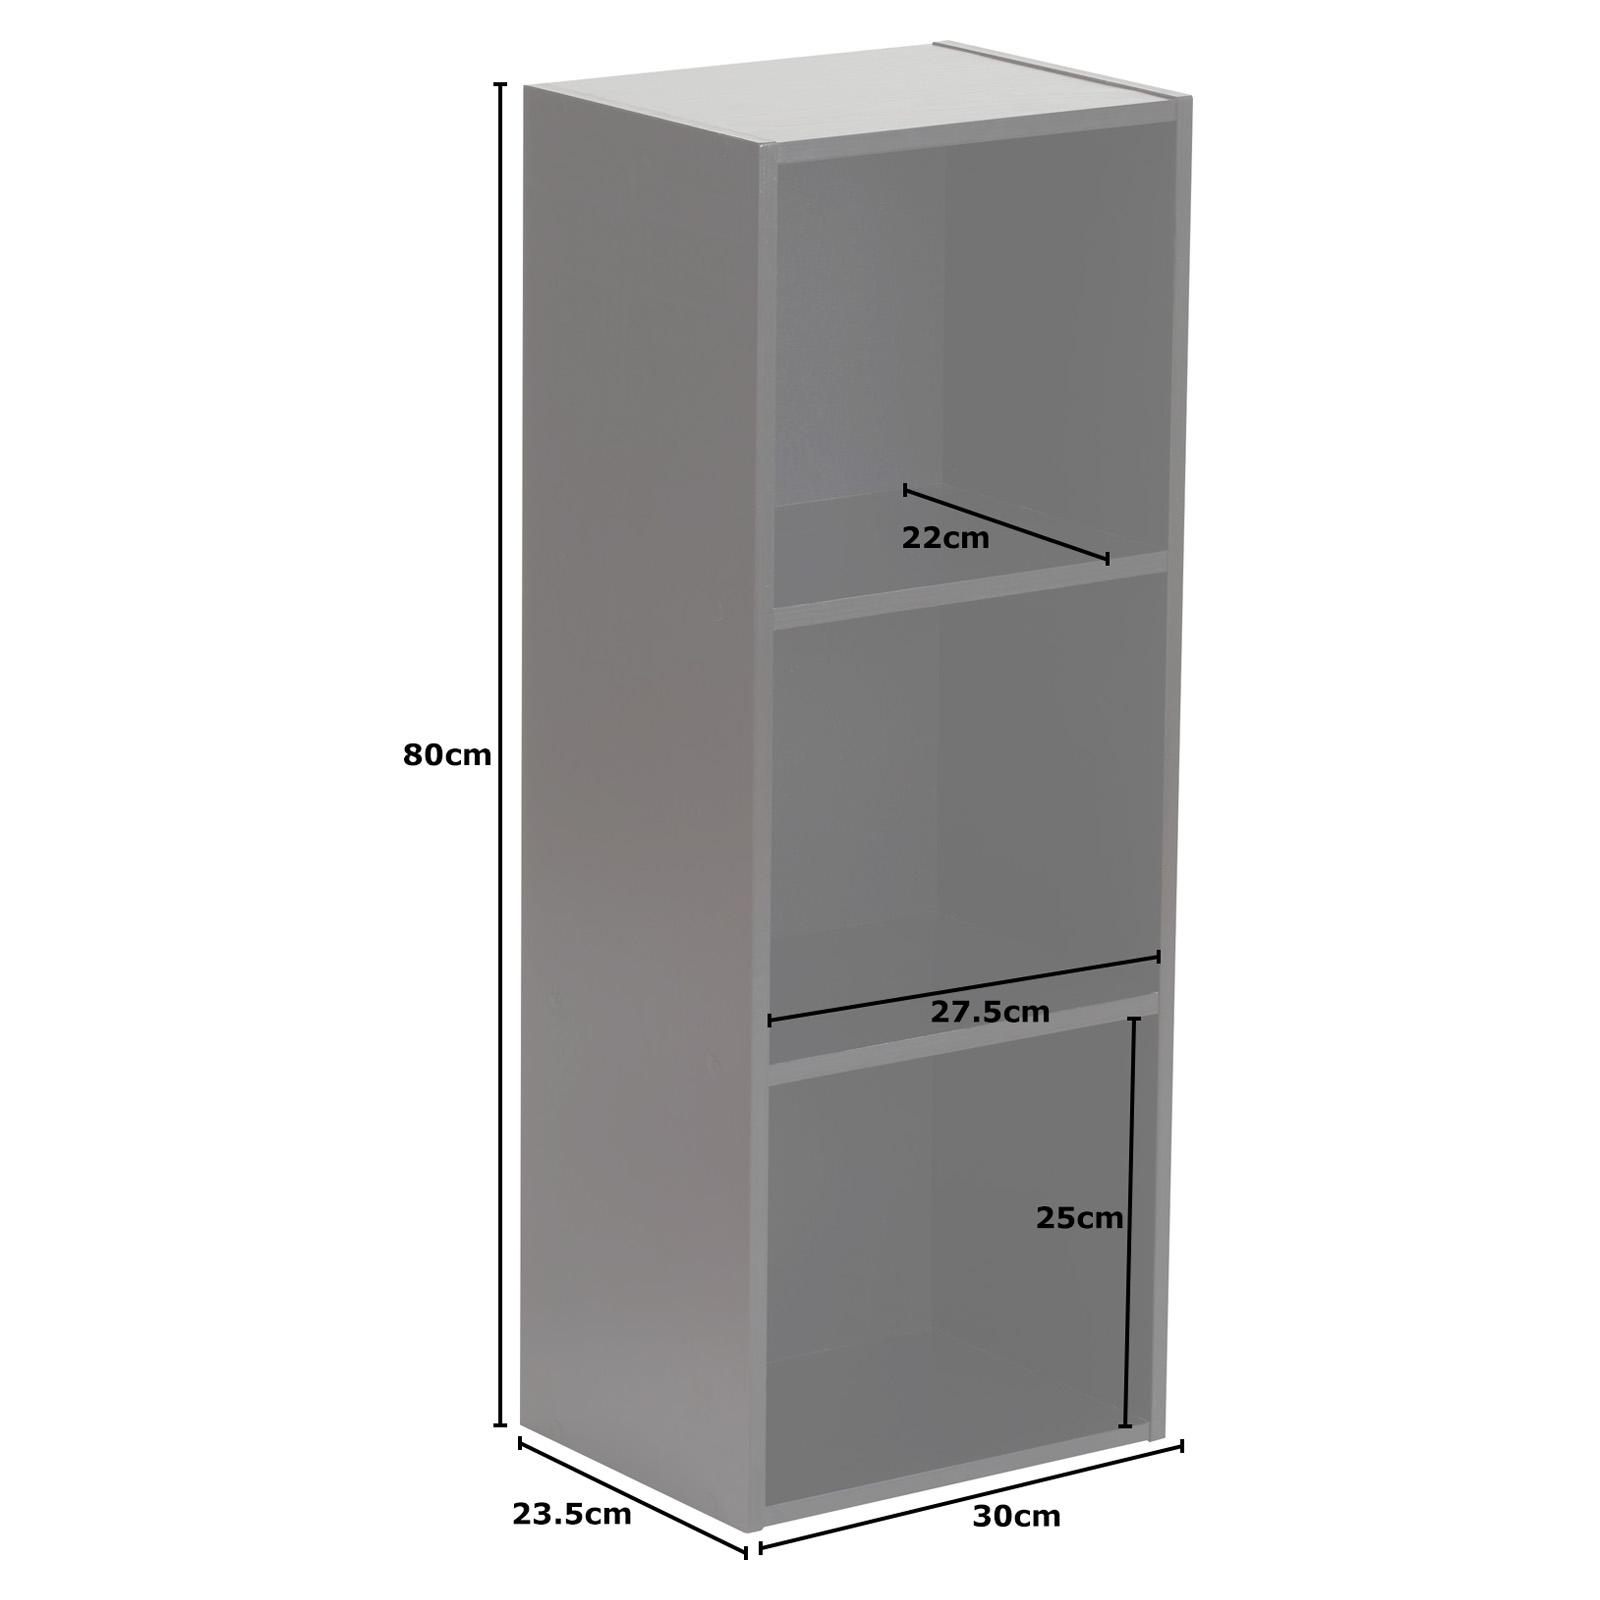 Details Sur Hartleys Meuble Rangement Cube Tiroirs Commode Noir 3 Niveaux Boites Couleur